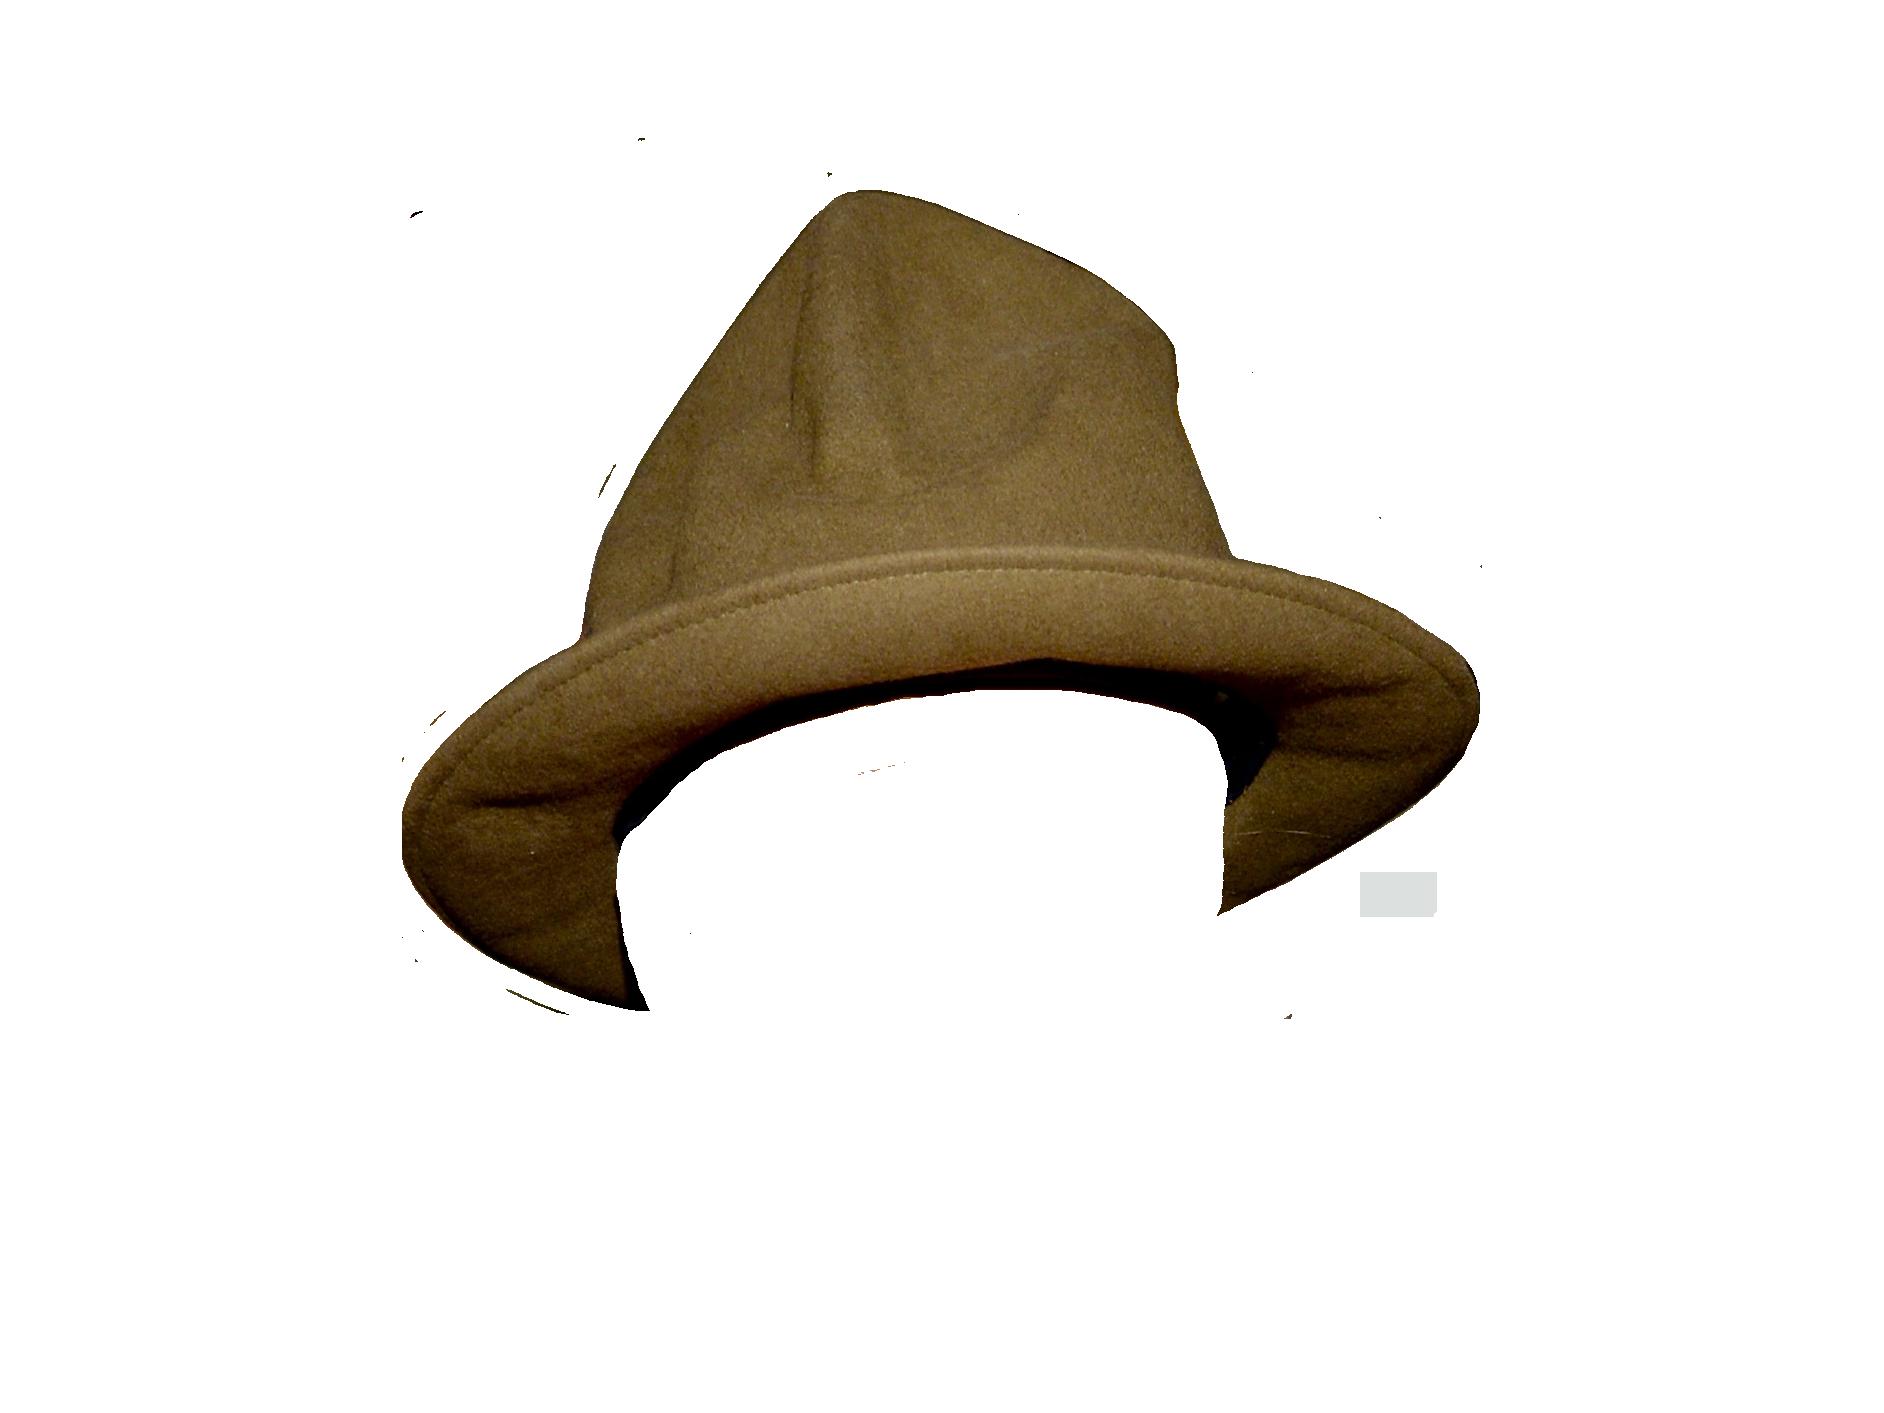 Hat PNG-PlusPNG.com-1884 - Hat PNG